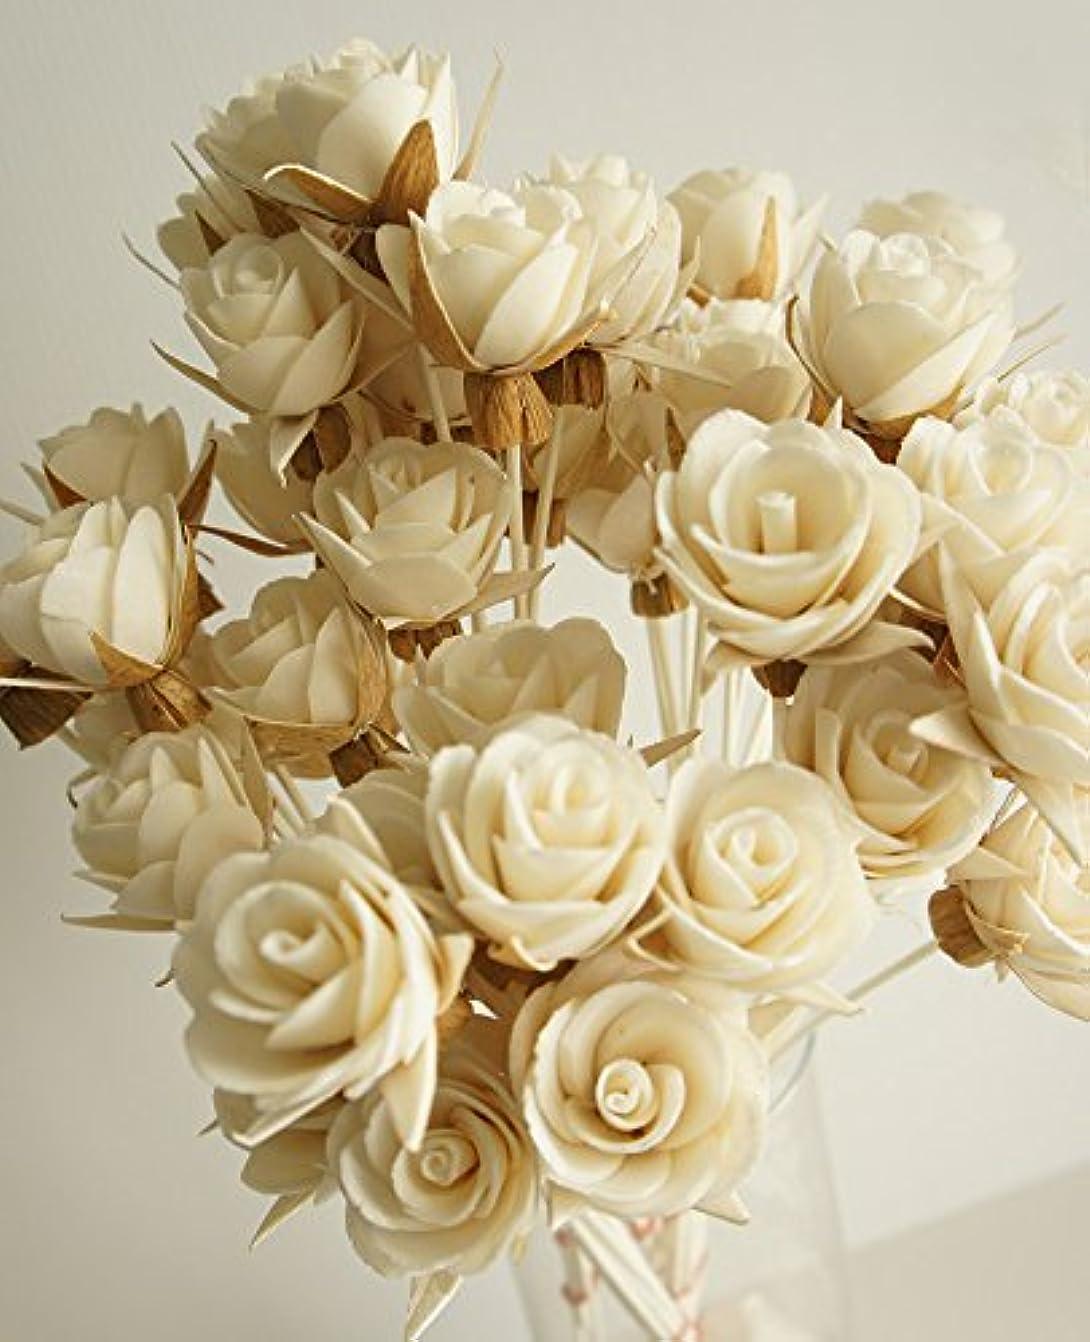 フック審判現実的エキゾチックエレガンスのセット50ローズデザインSola Flowerスティックfor Aroma Diffuser直径1.5。」